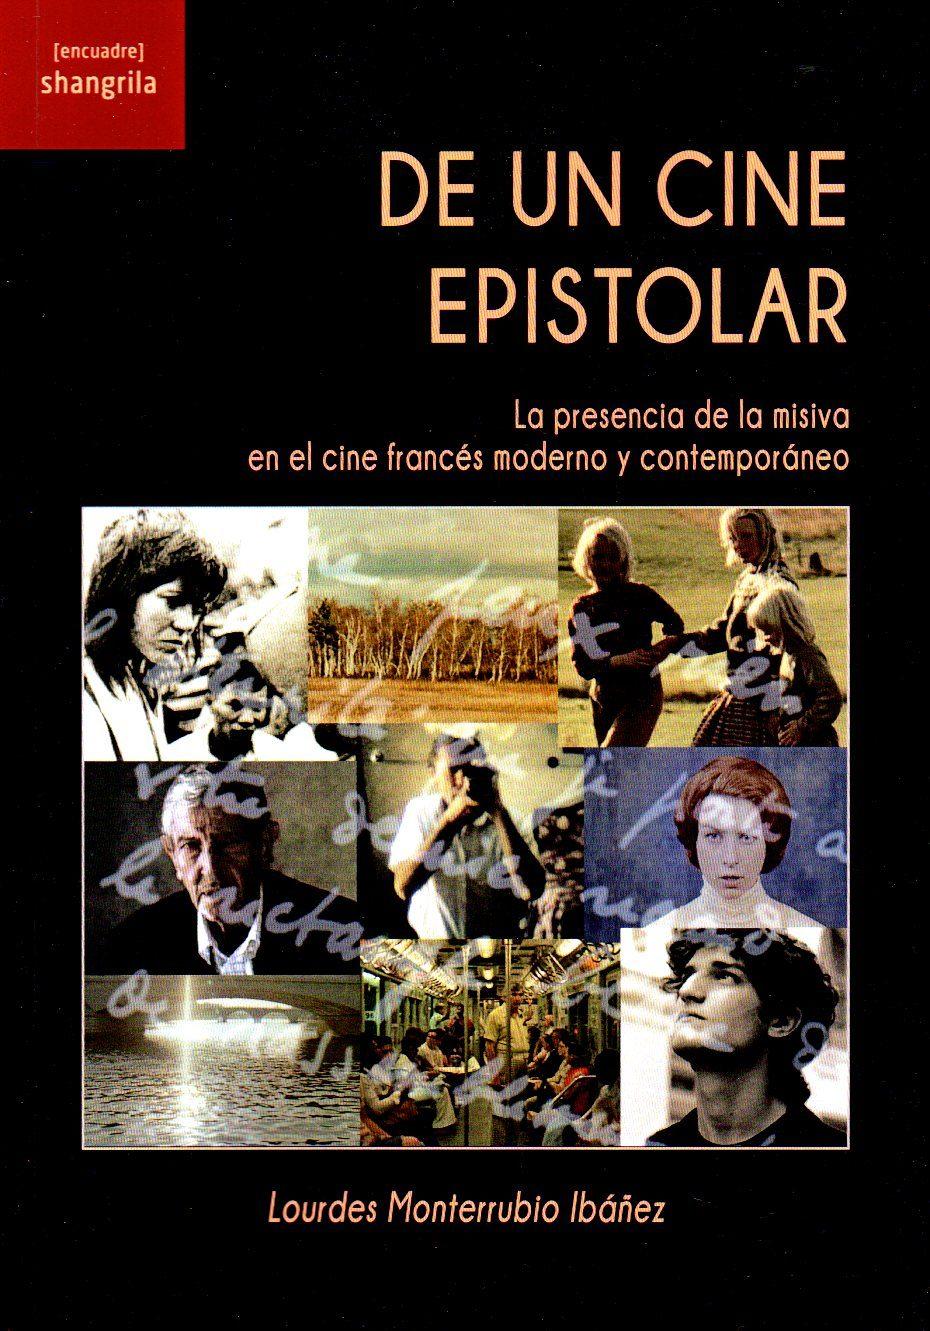 de un cine epistolar: la presencia de la misiva en el cine frances moderno y contemporaneo-lourdes monterrubio ibañez-9788494761638